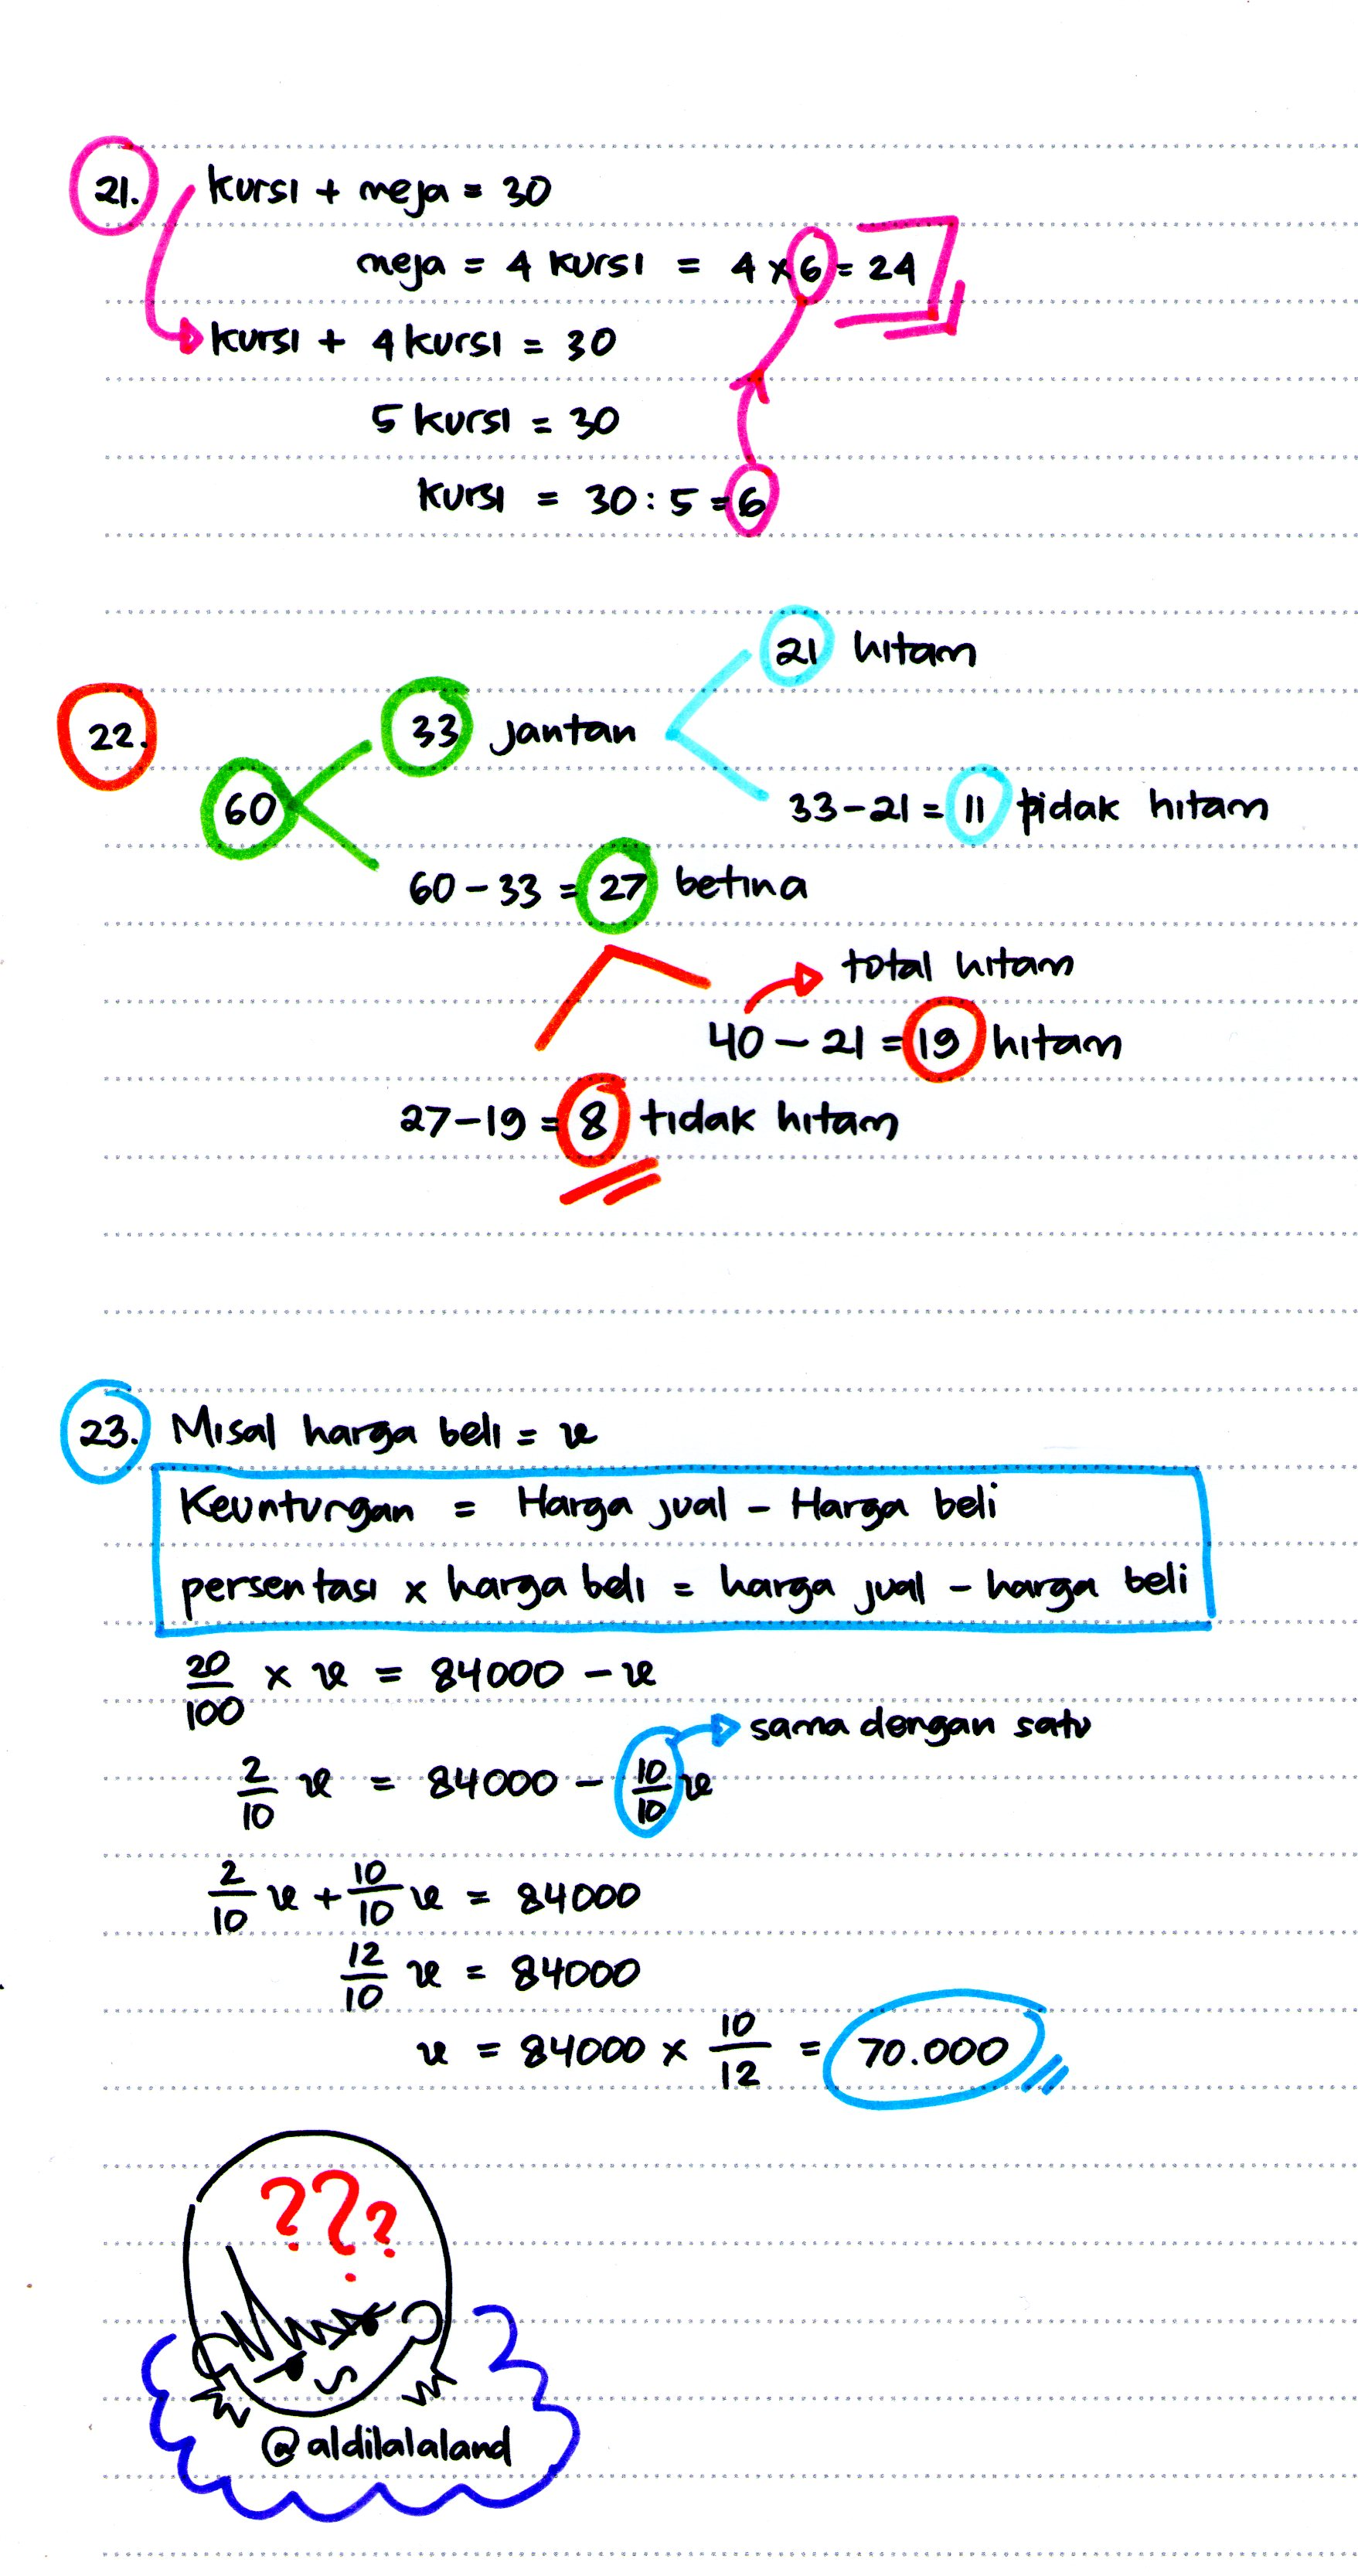 Bagi sejumlah orang mengerjakan soal matematika dasar psikotes merupakan hal yang cukup sulit untuk dikerjakan. Psikotes Logika Matematika Episode 4 5 Dan 5 5 Selesai Ada Cerita Apa Hari Ini